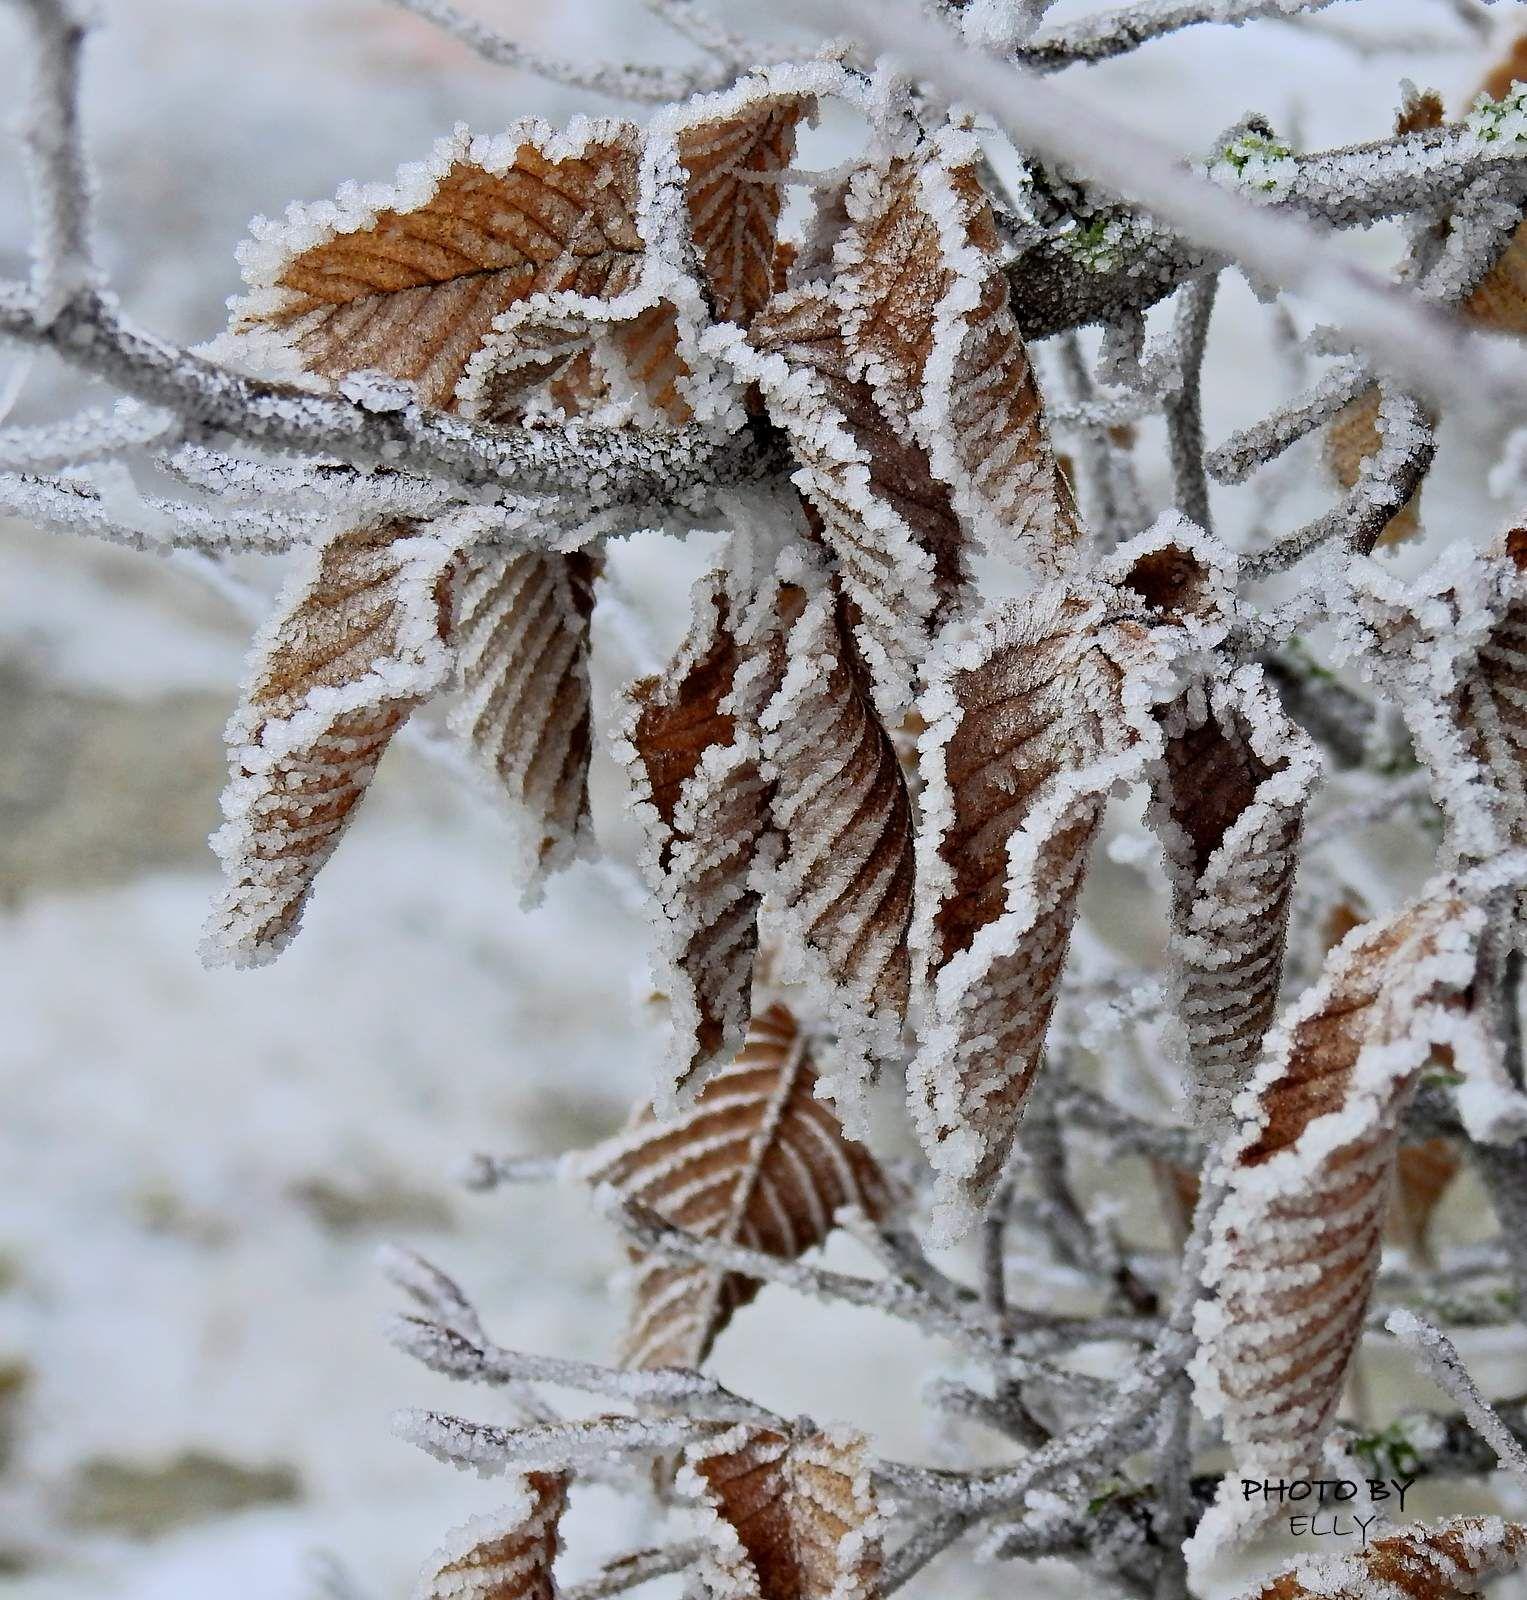 #mist #fogg #vorst #frost #winter #Julianpark #Bolsward #friesland